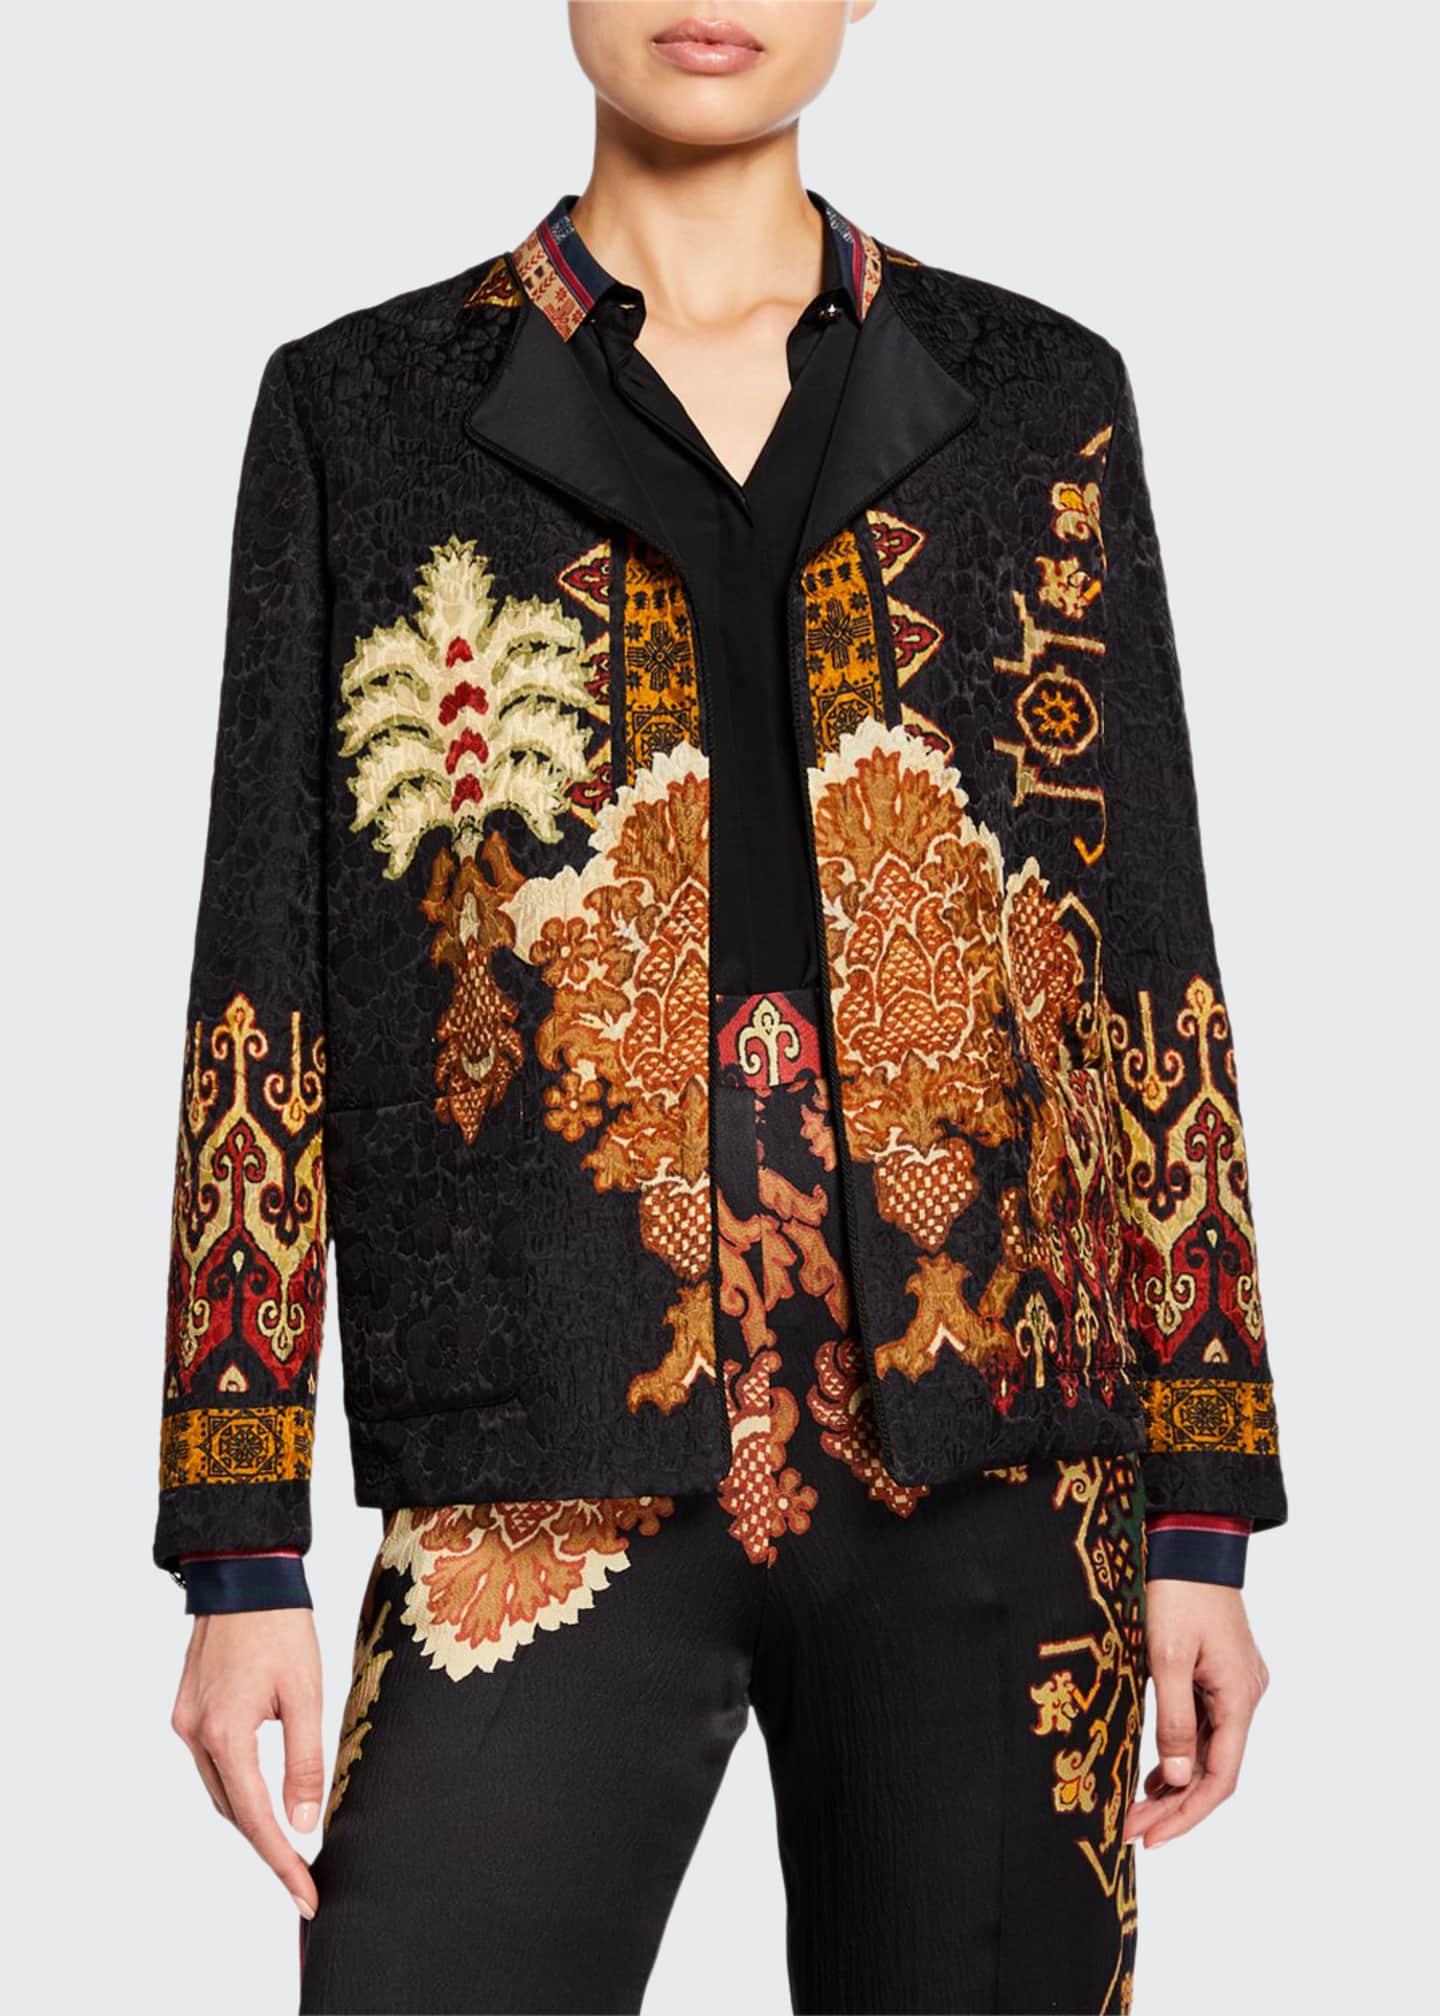 Etro Neo-Nomad Hammered Satin Patchwork Jacket